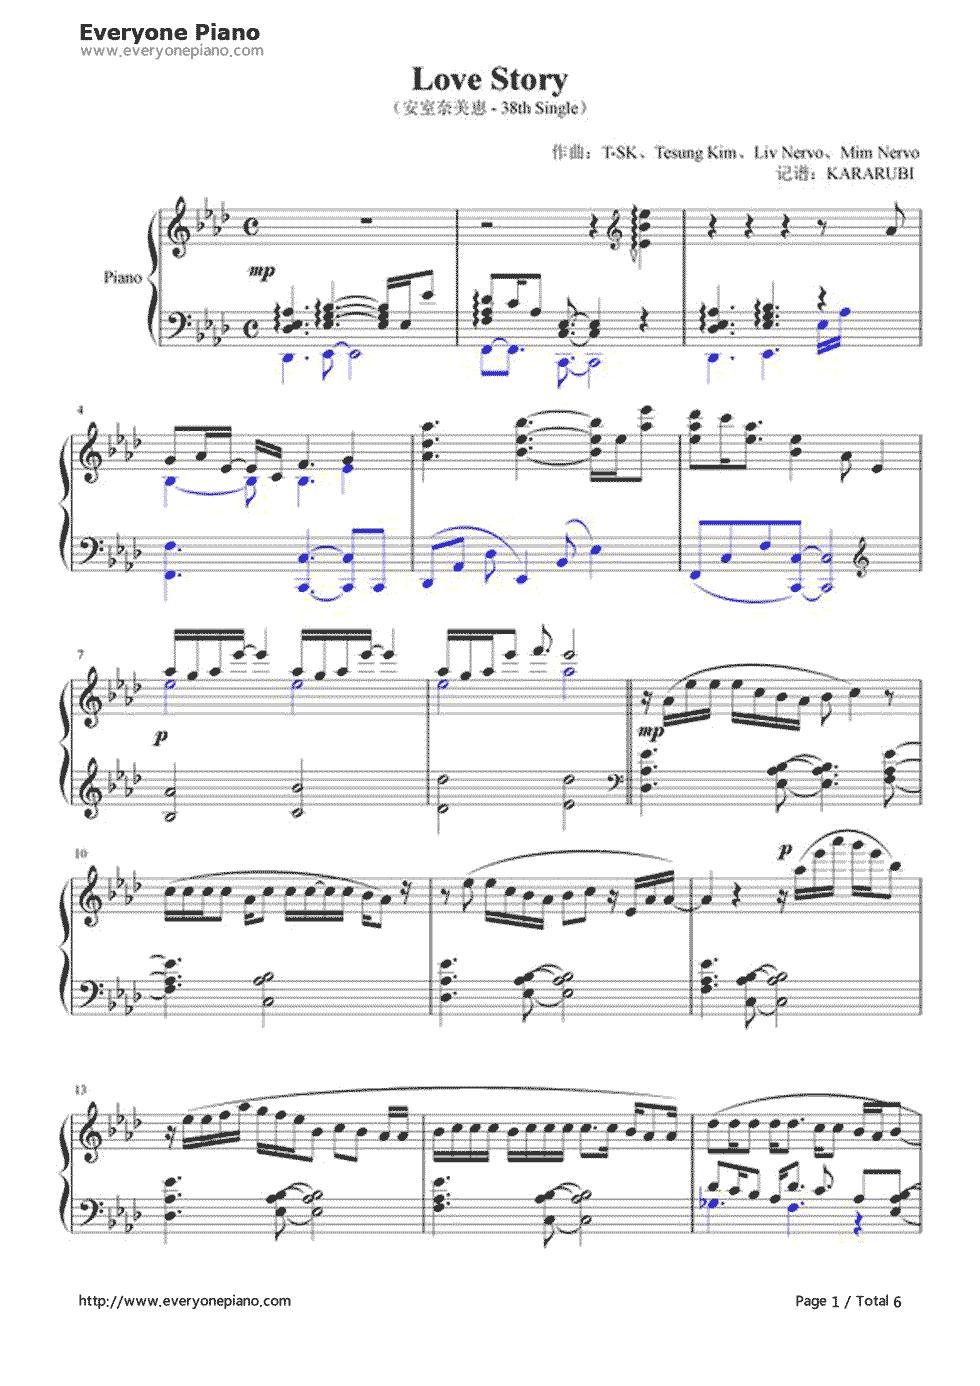 钢琴曲谱 流行 love story-安室奈美惠-eop教学曲 love story-安室奈